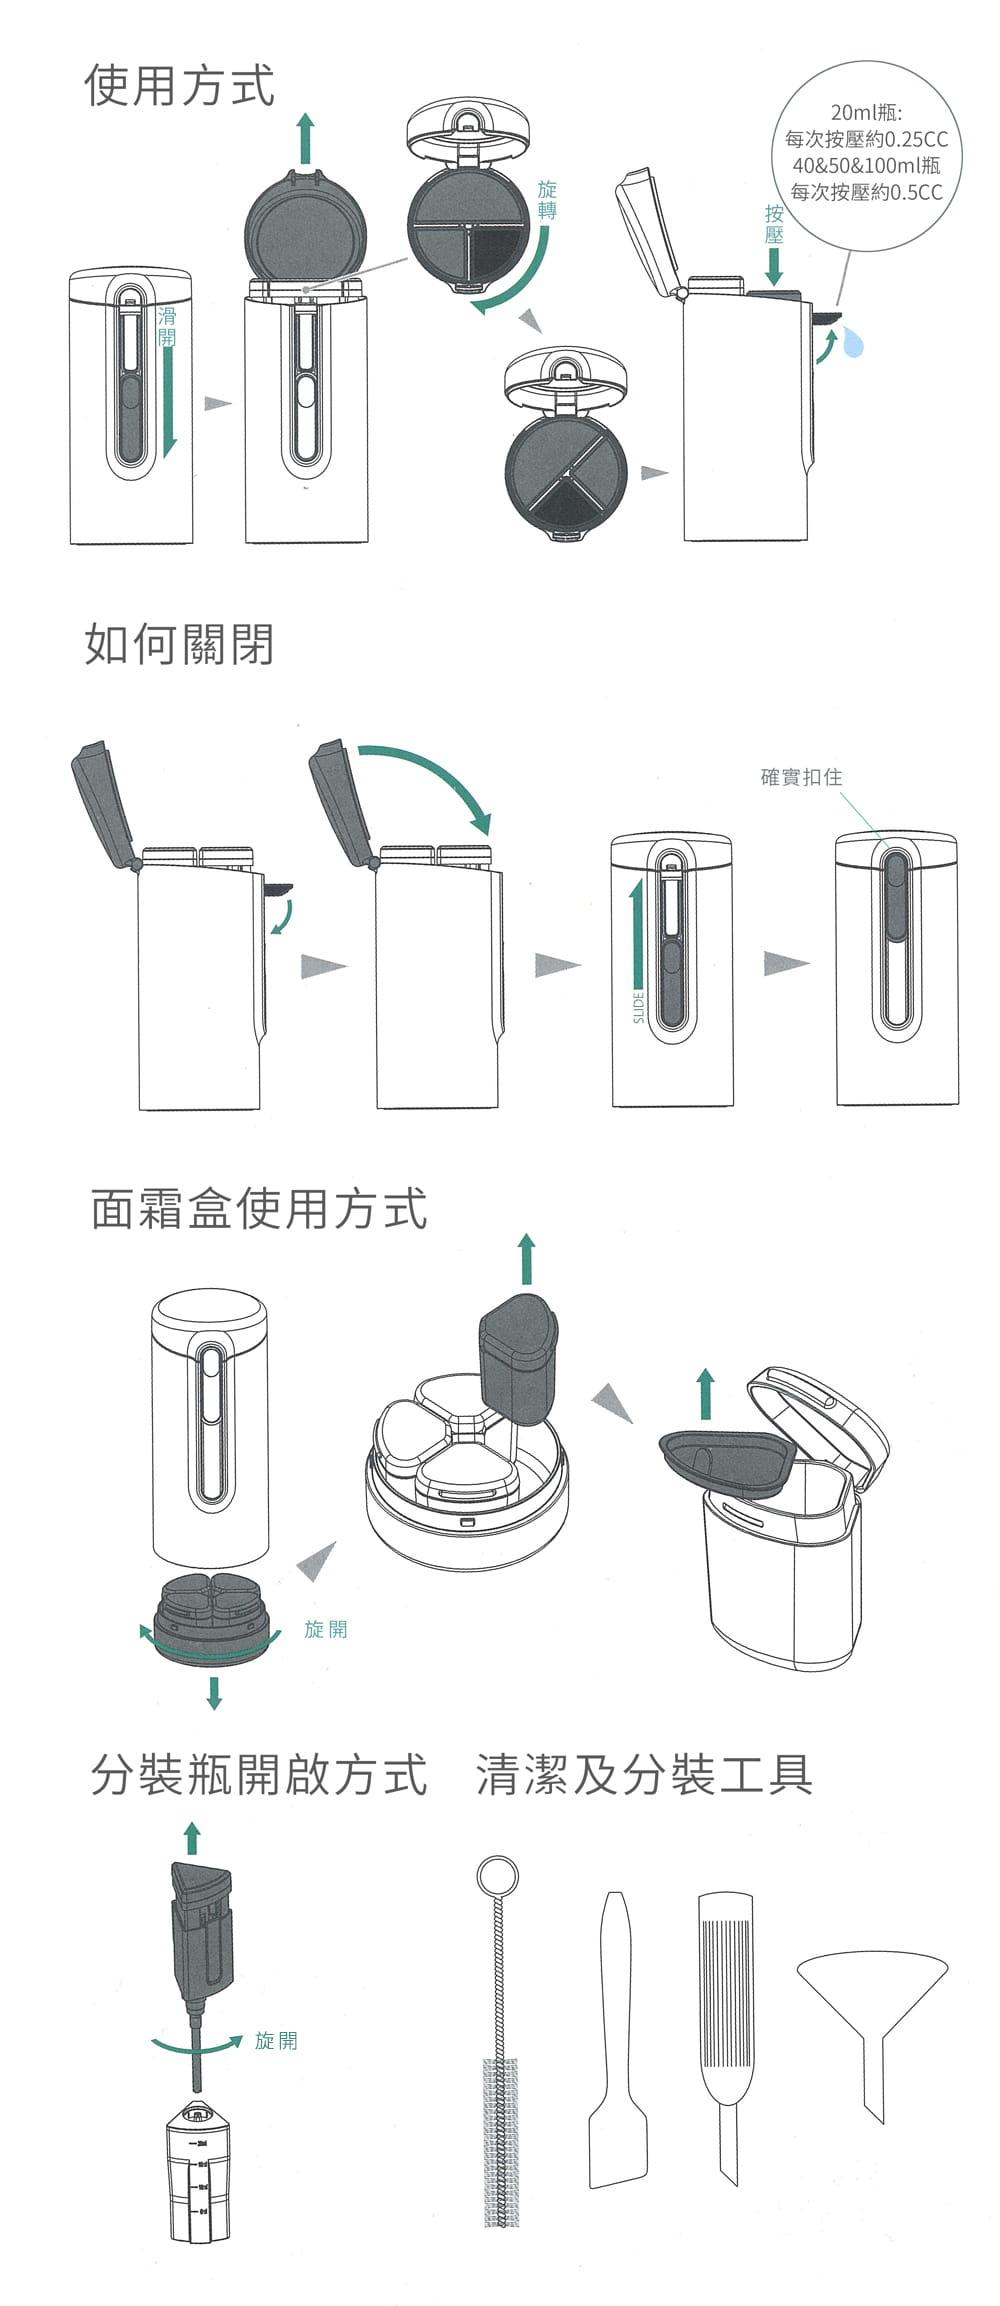 Tic Bottle 旅行分裝收納瓶 V2.0- 保養組 11